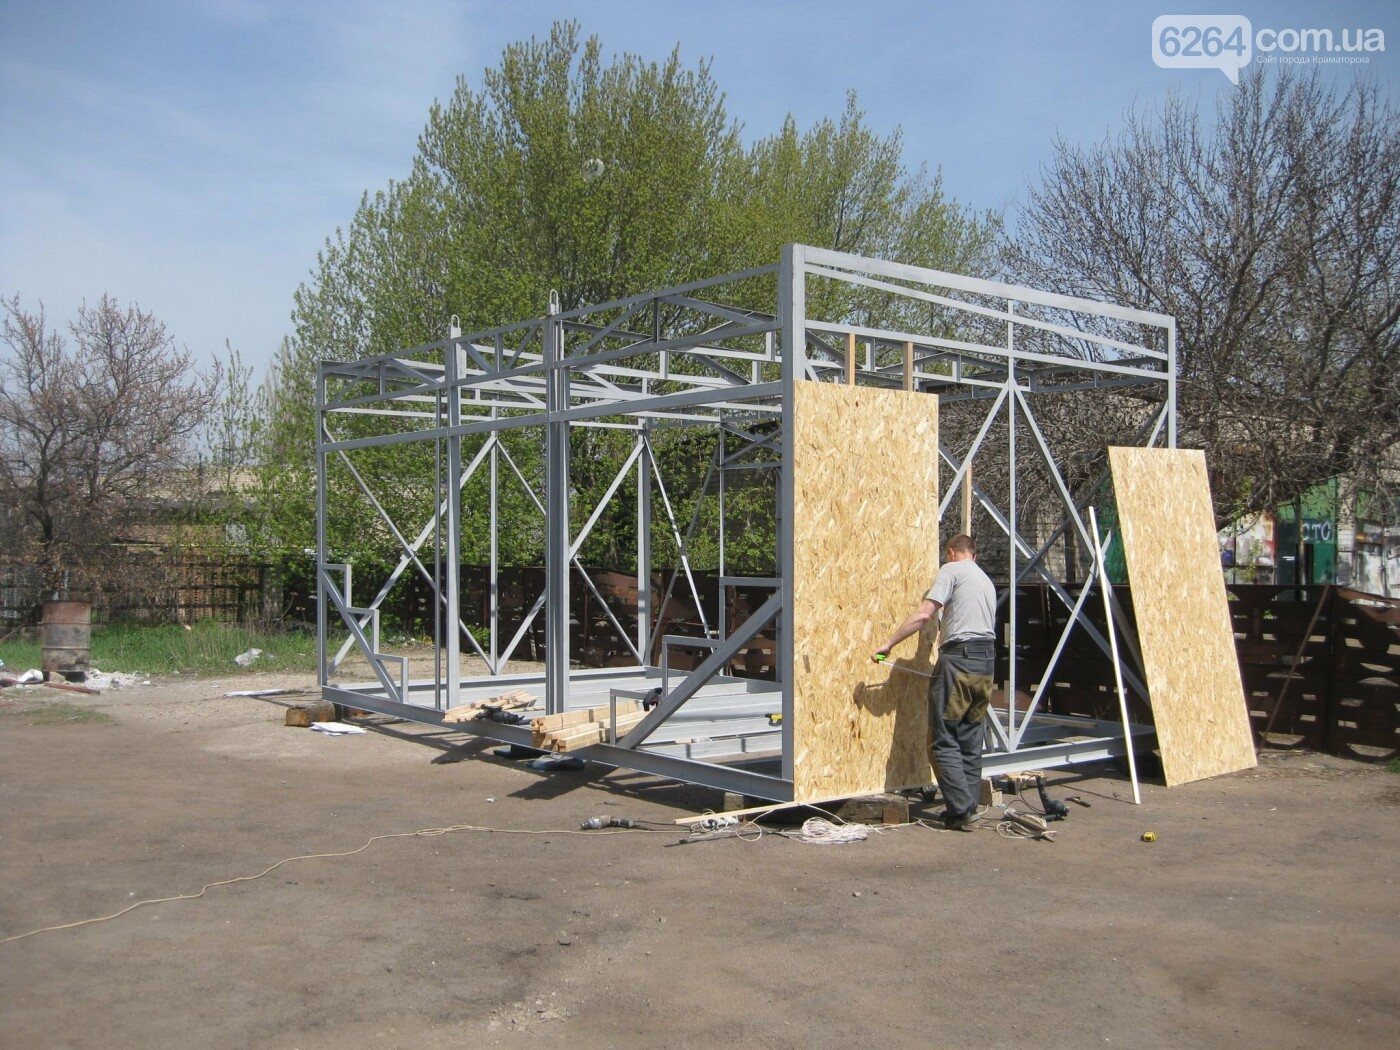 Изготовление и монтаж металлоконструкций, фото-7